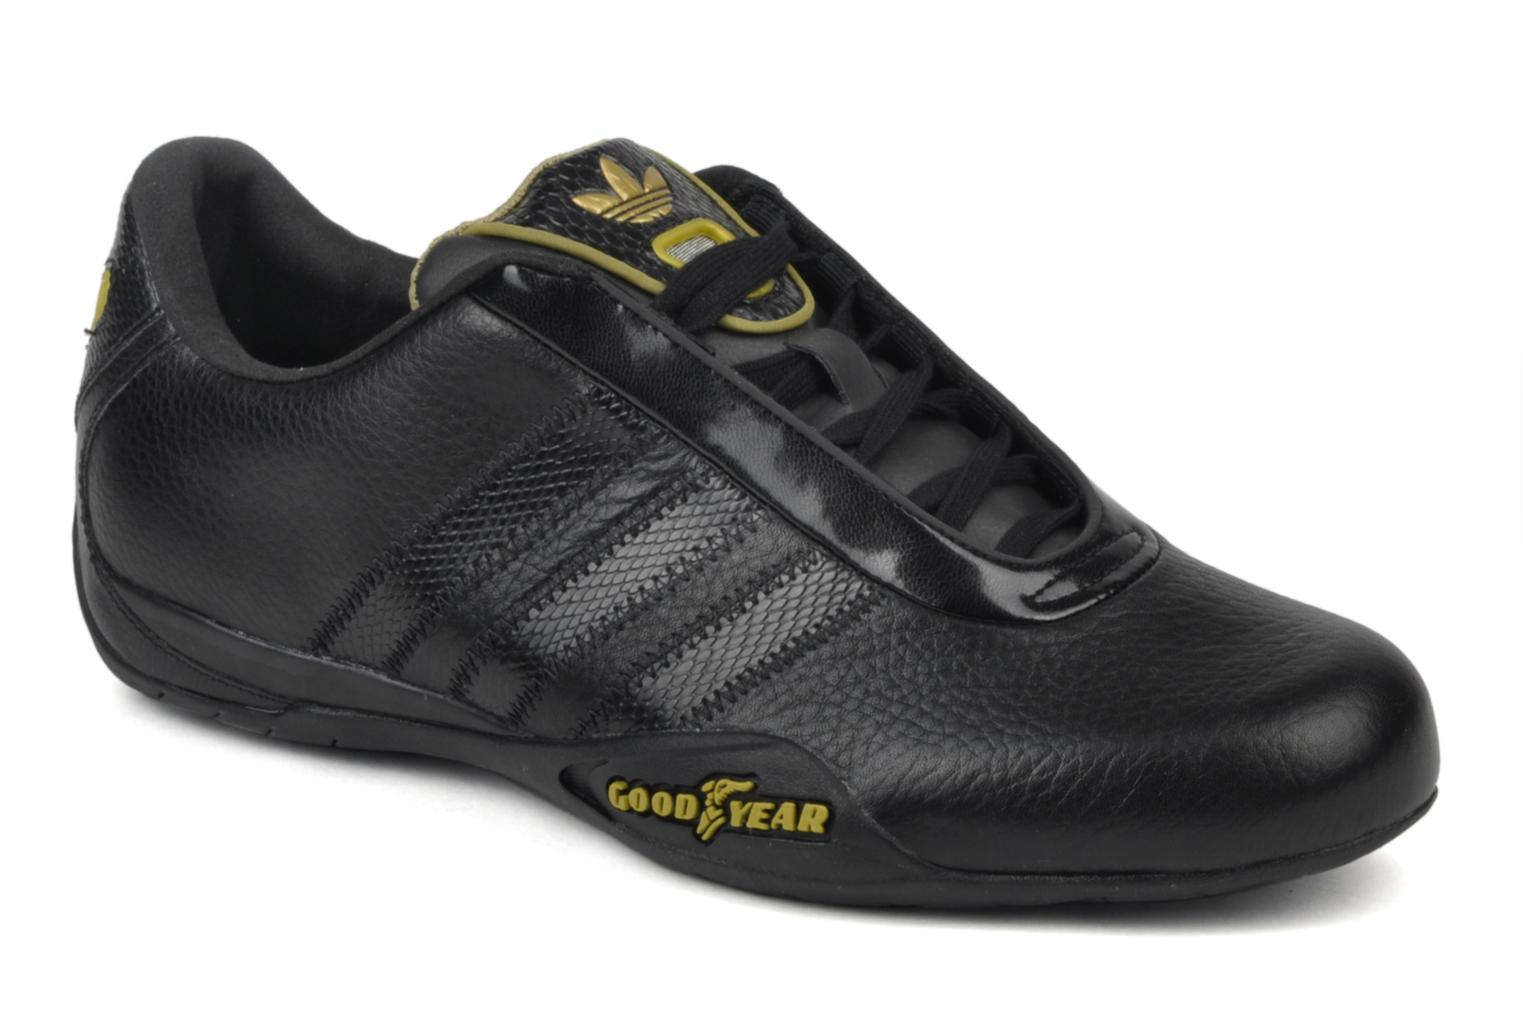 scarpe adidas uomo goodyear